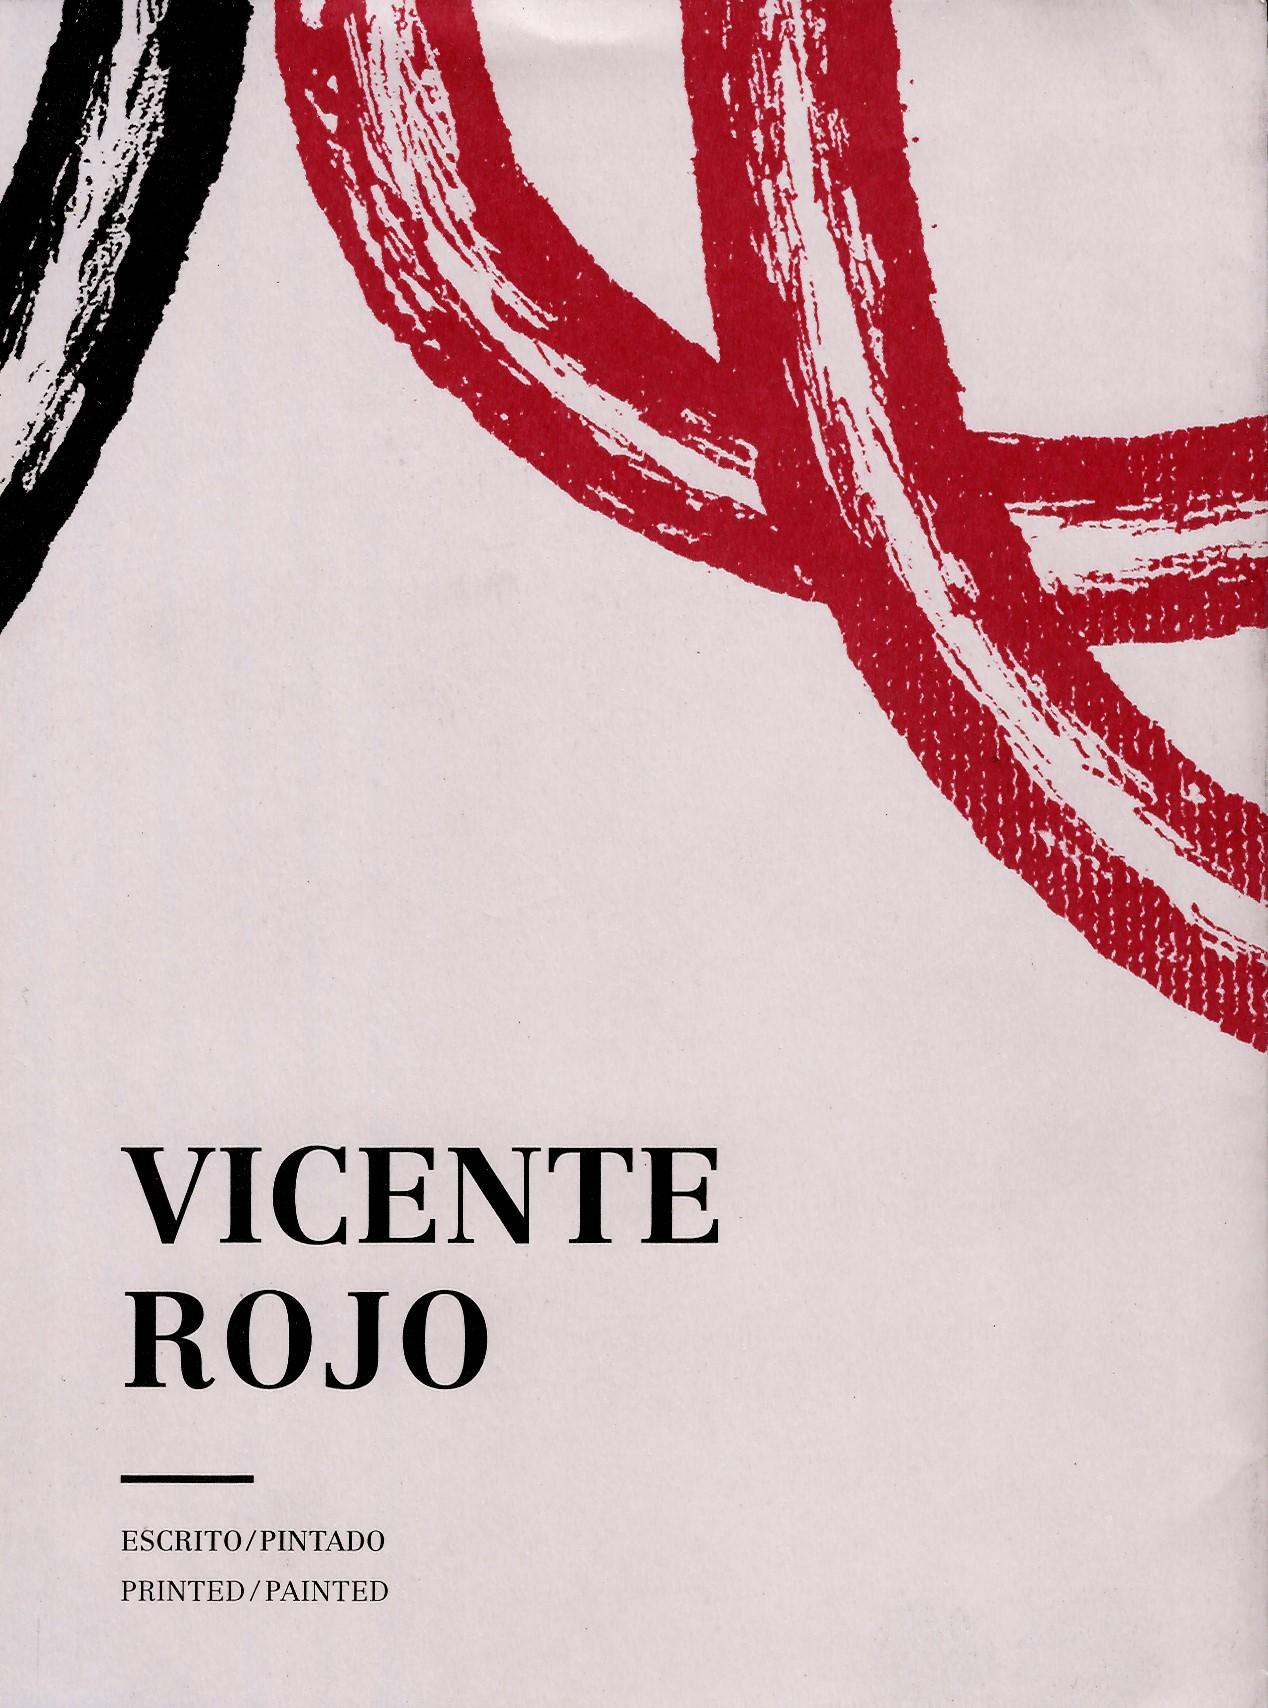 Vicente Rojo Escrito/pintado